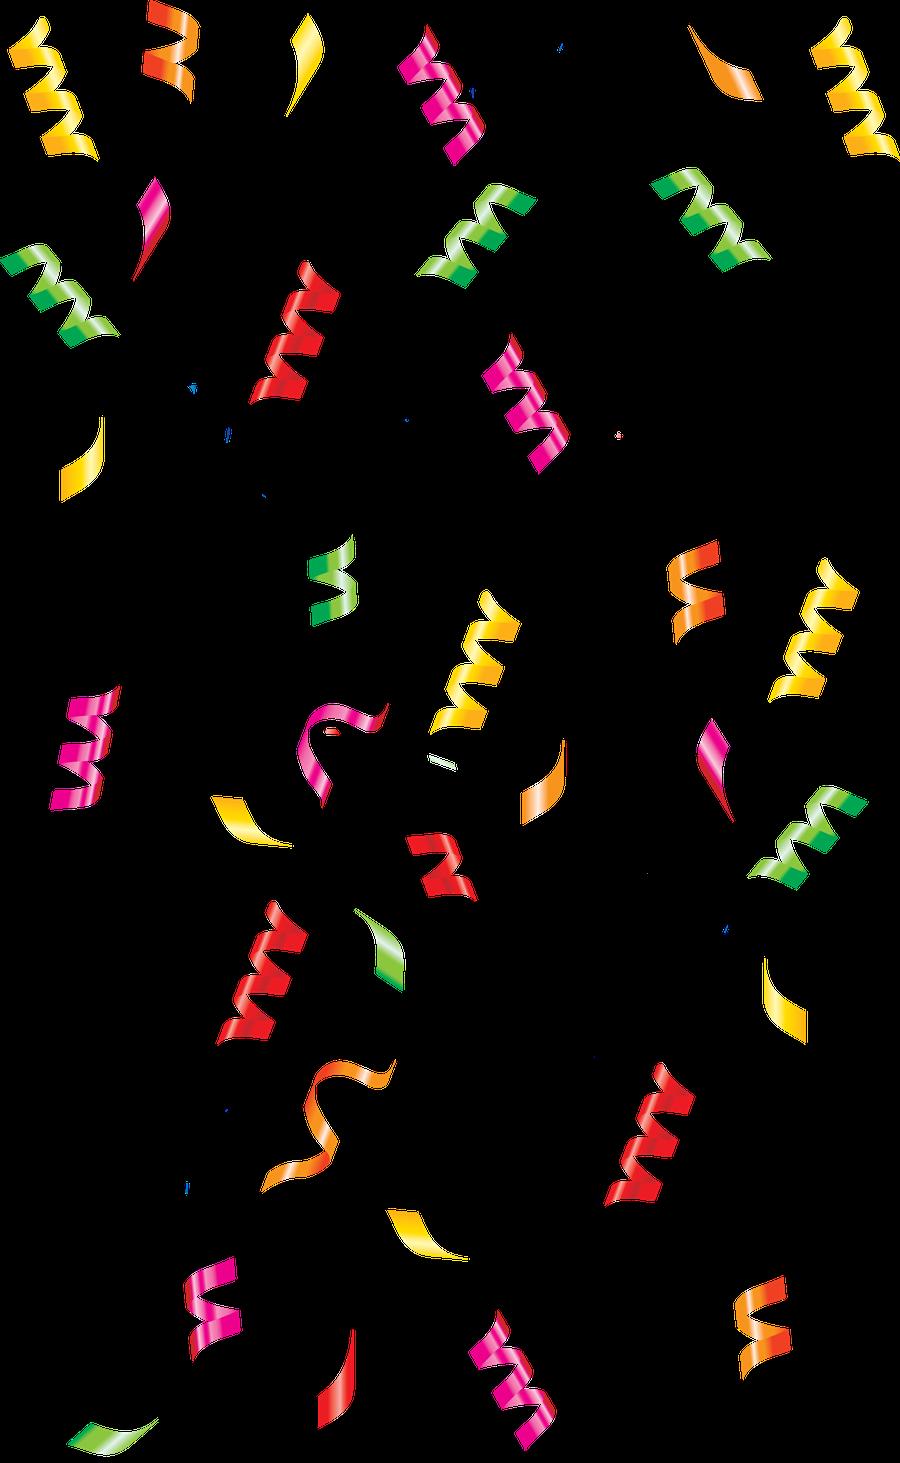 confetti paper confetti celebration clip art birthday images happy name day  [ 900 x 1463 Pixel ]